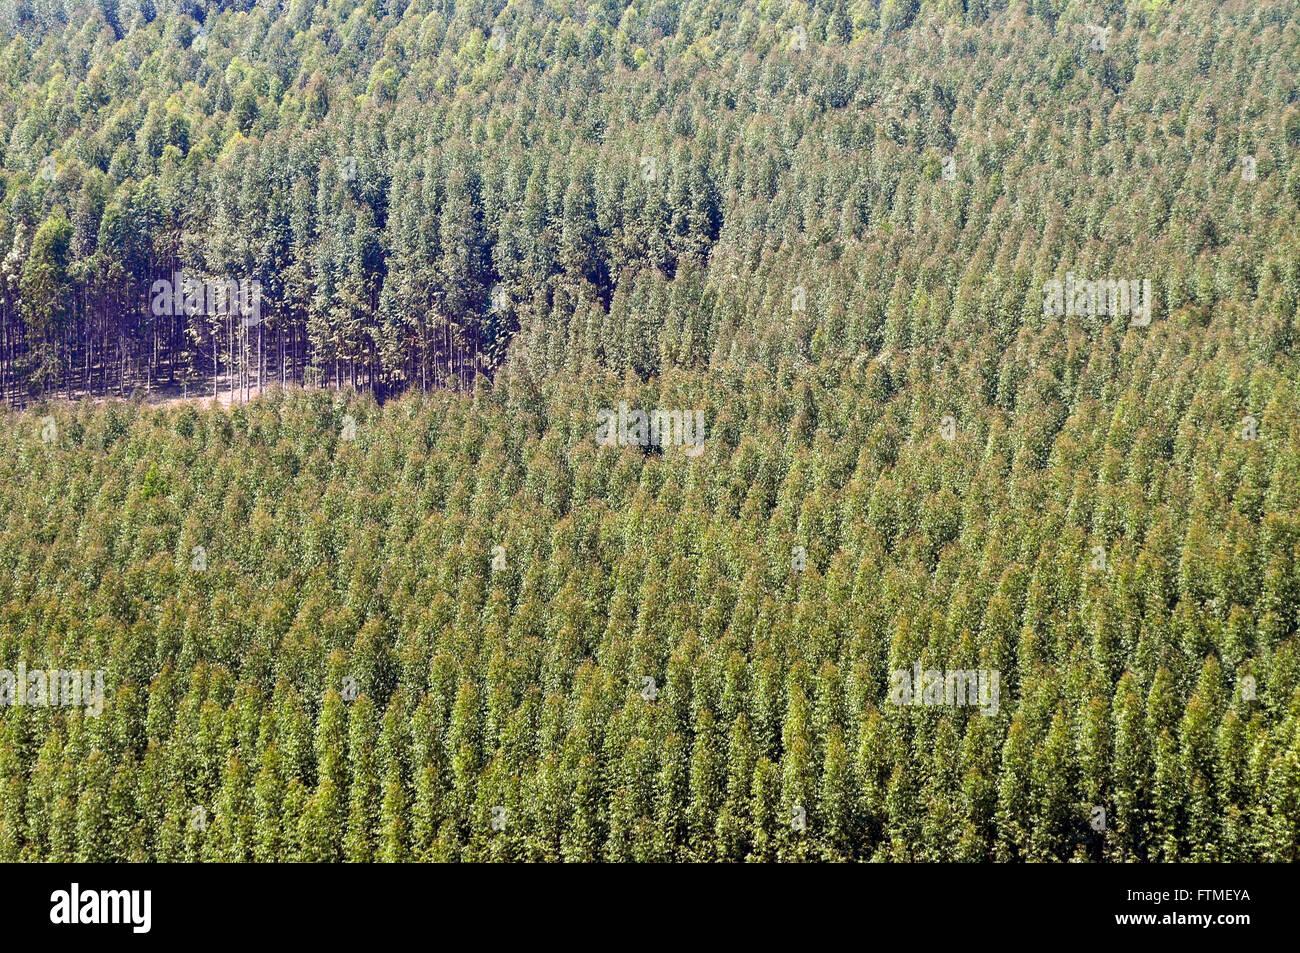 Plantation Of Eucalyptus Stock Photo, Royalty Free Image